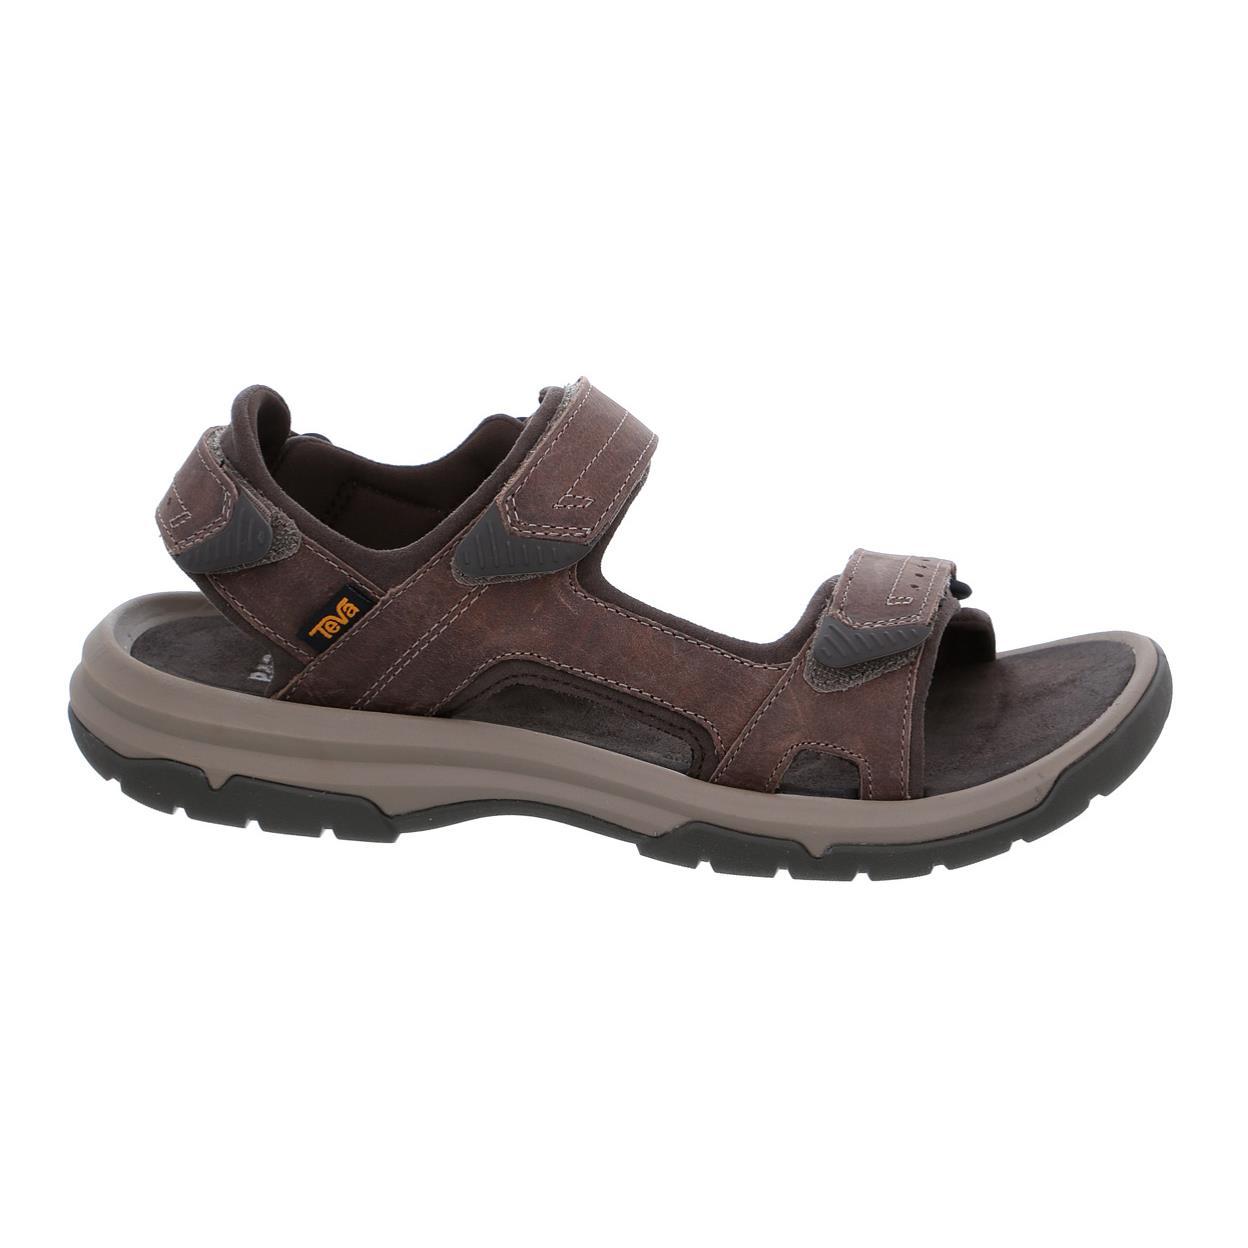 Die Sandale Kaufen Angebote • Teva Herren Besten Preisvergleich Online rCBsQhxtdo